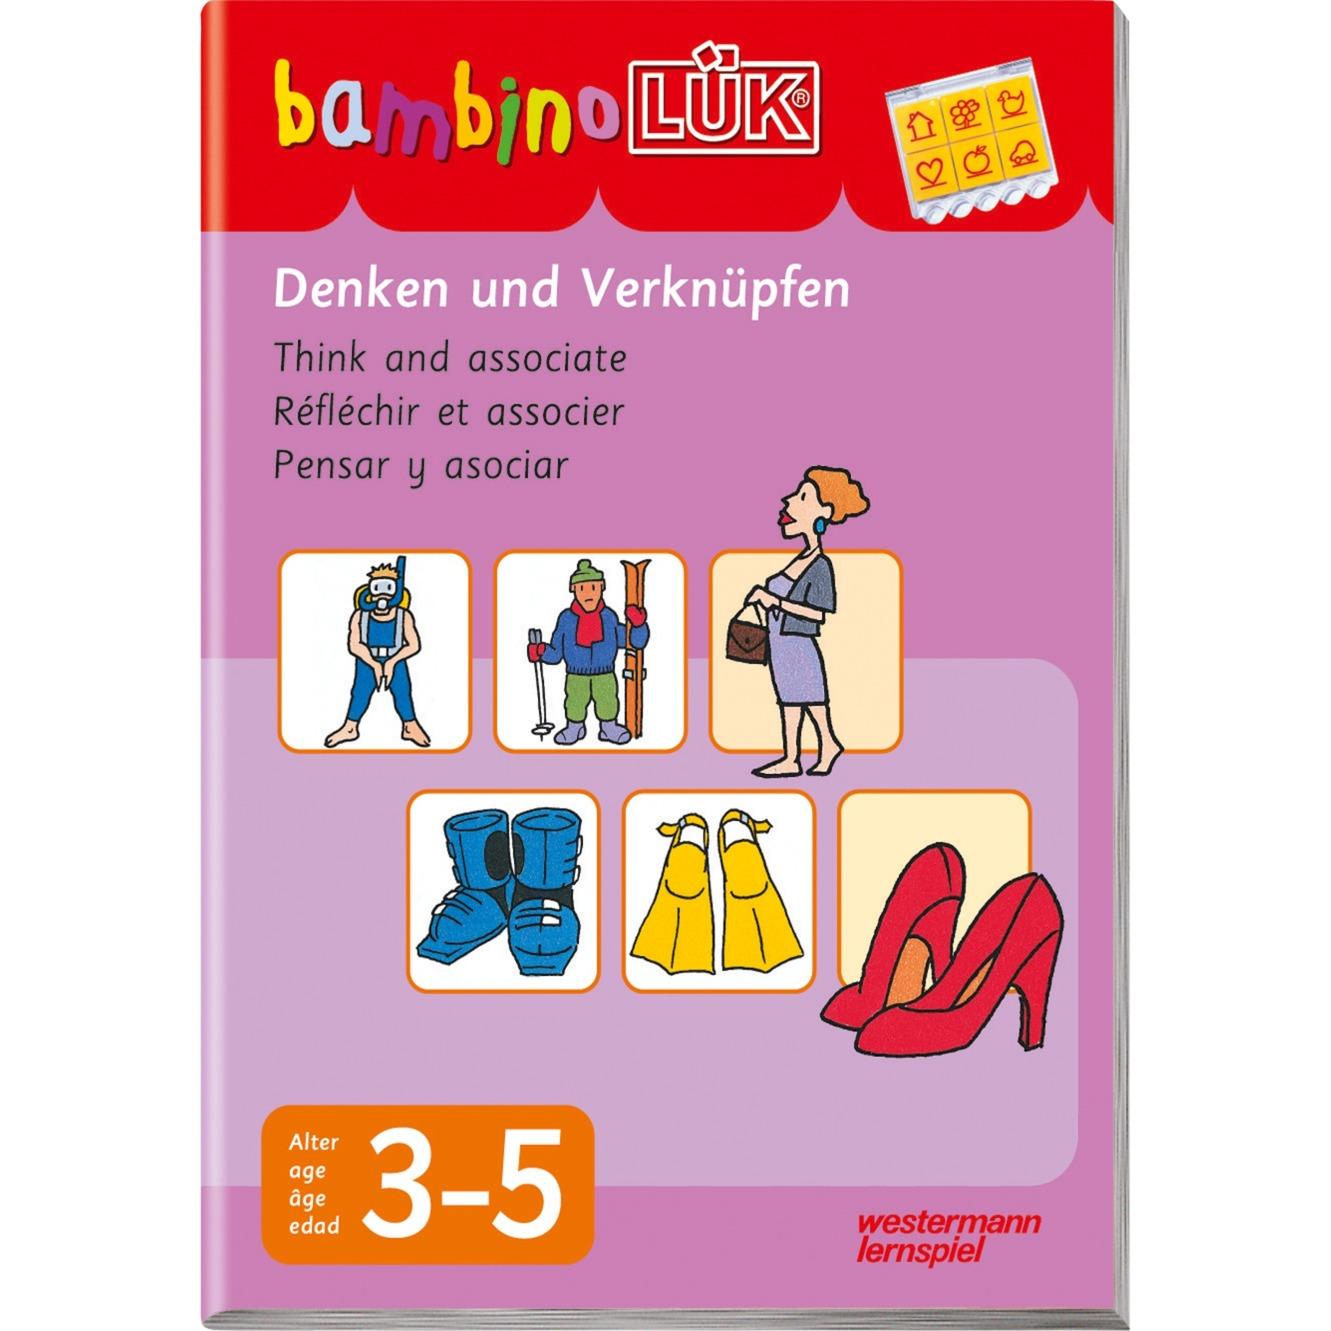 Denken und Verknüpfen livre pour enfants, Manuel